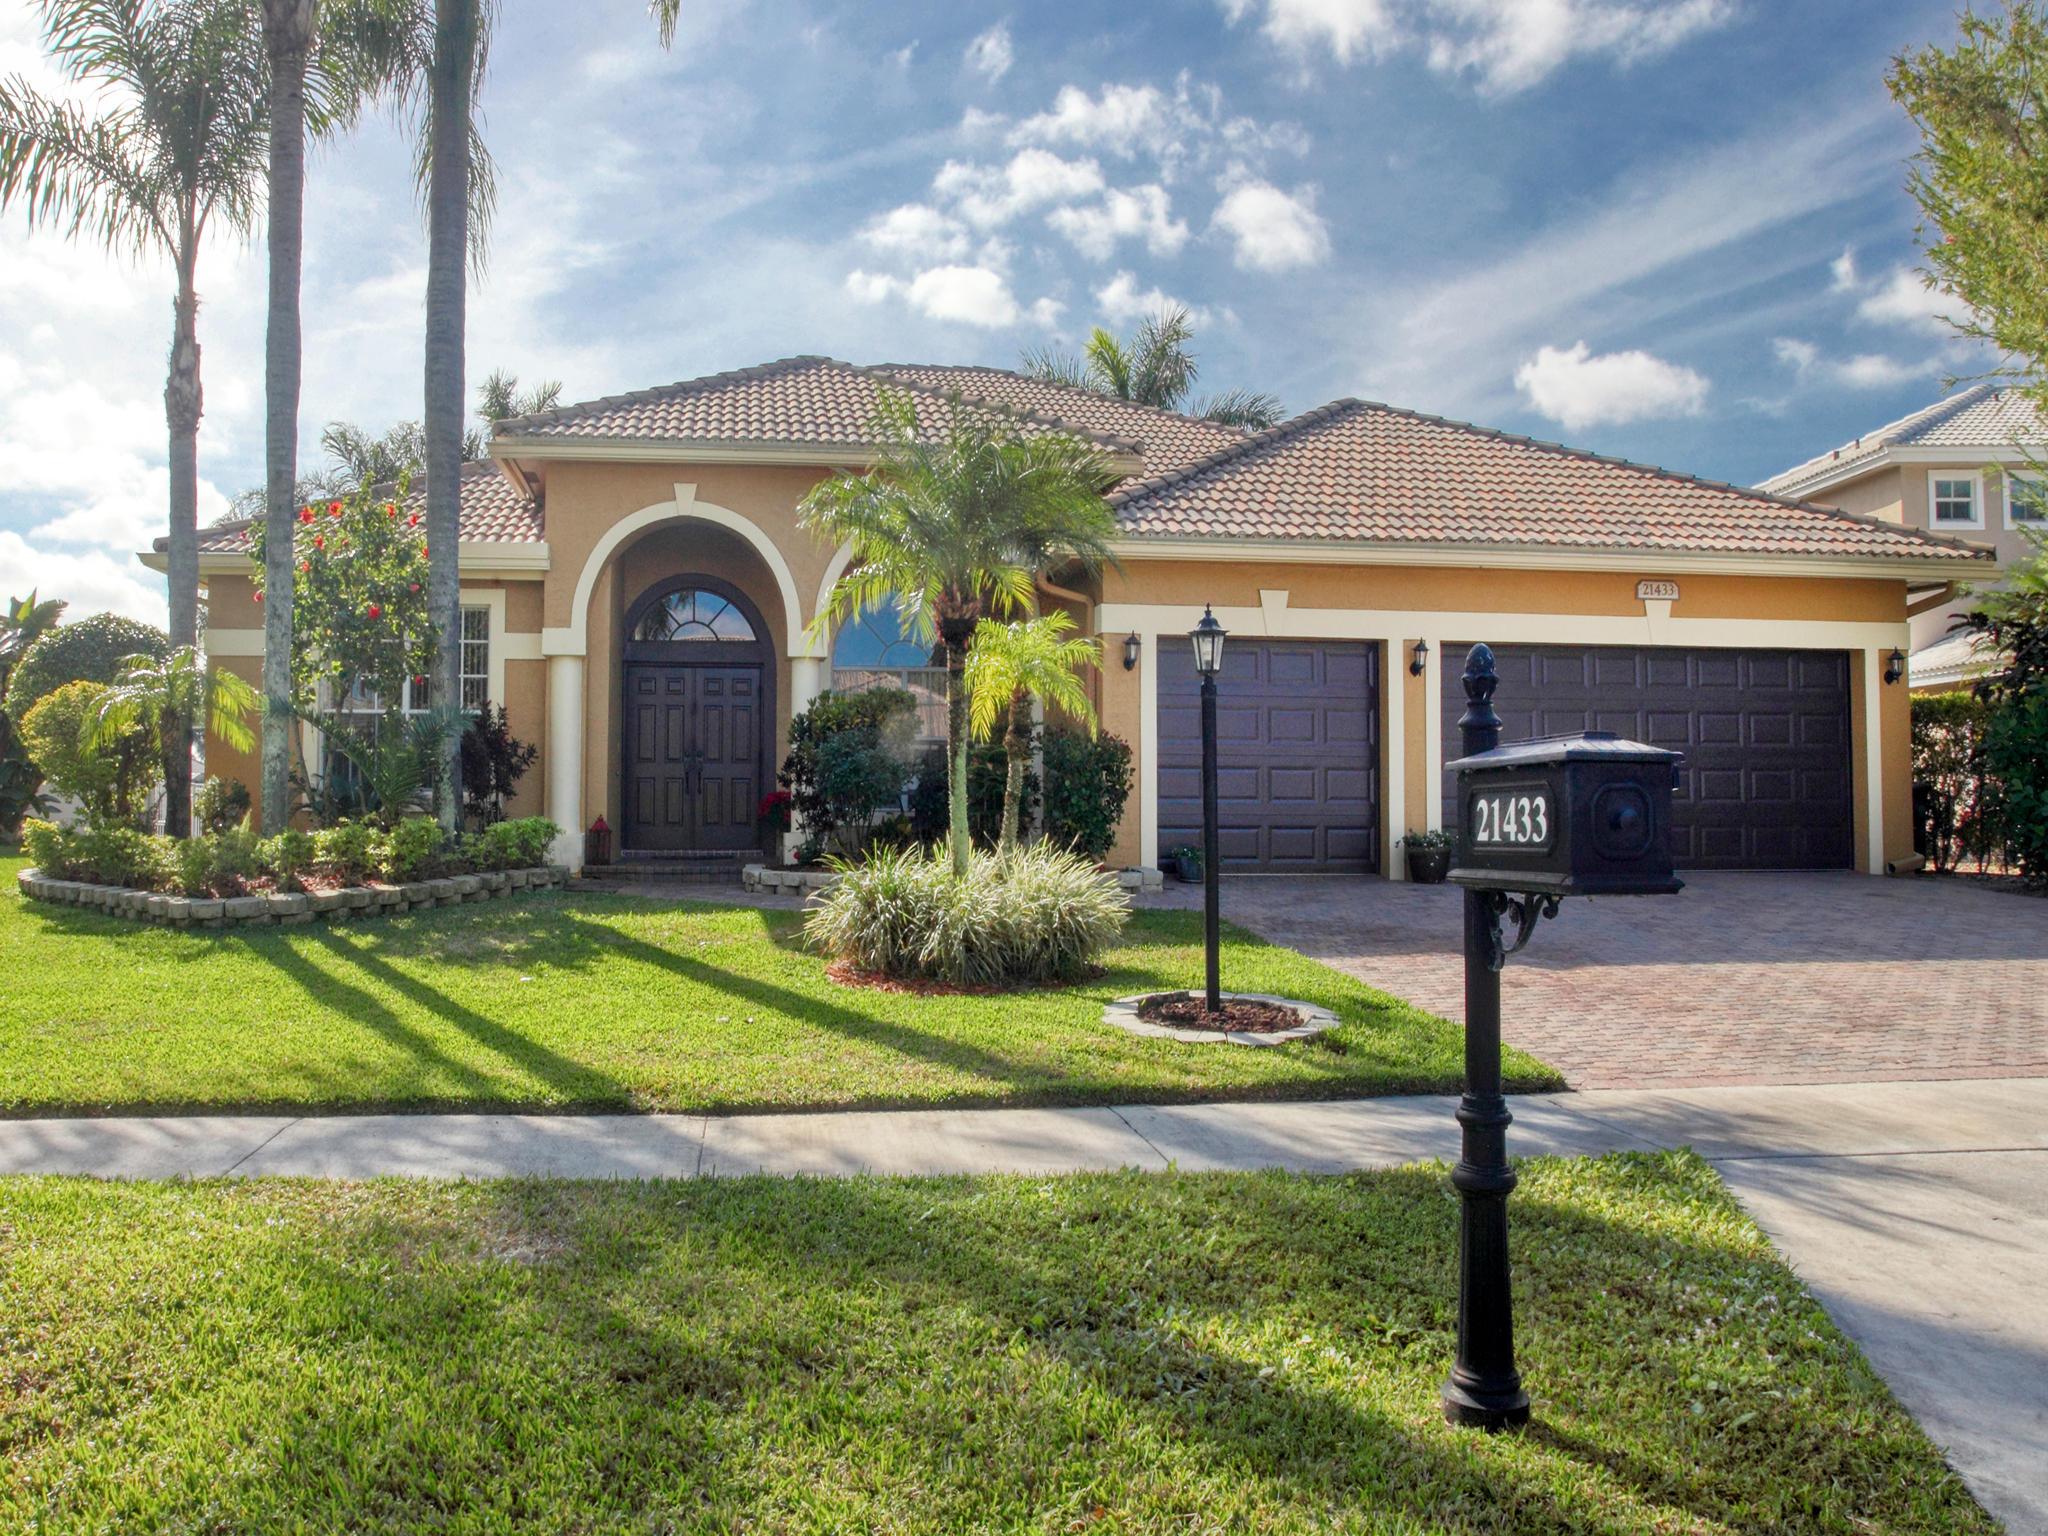 Photo of 21433 Crestfalls Court, Boca Raton, FL 33428